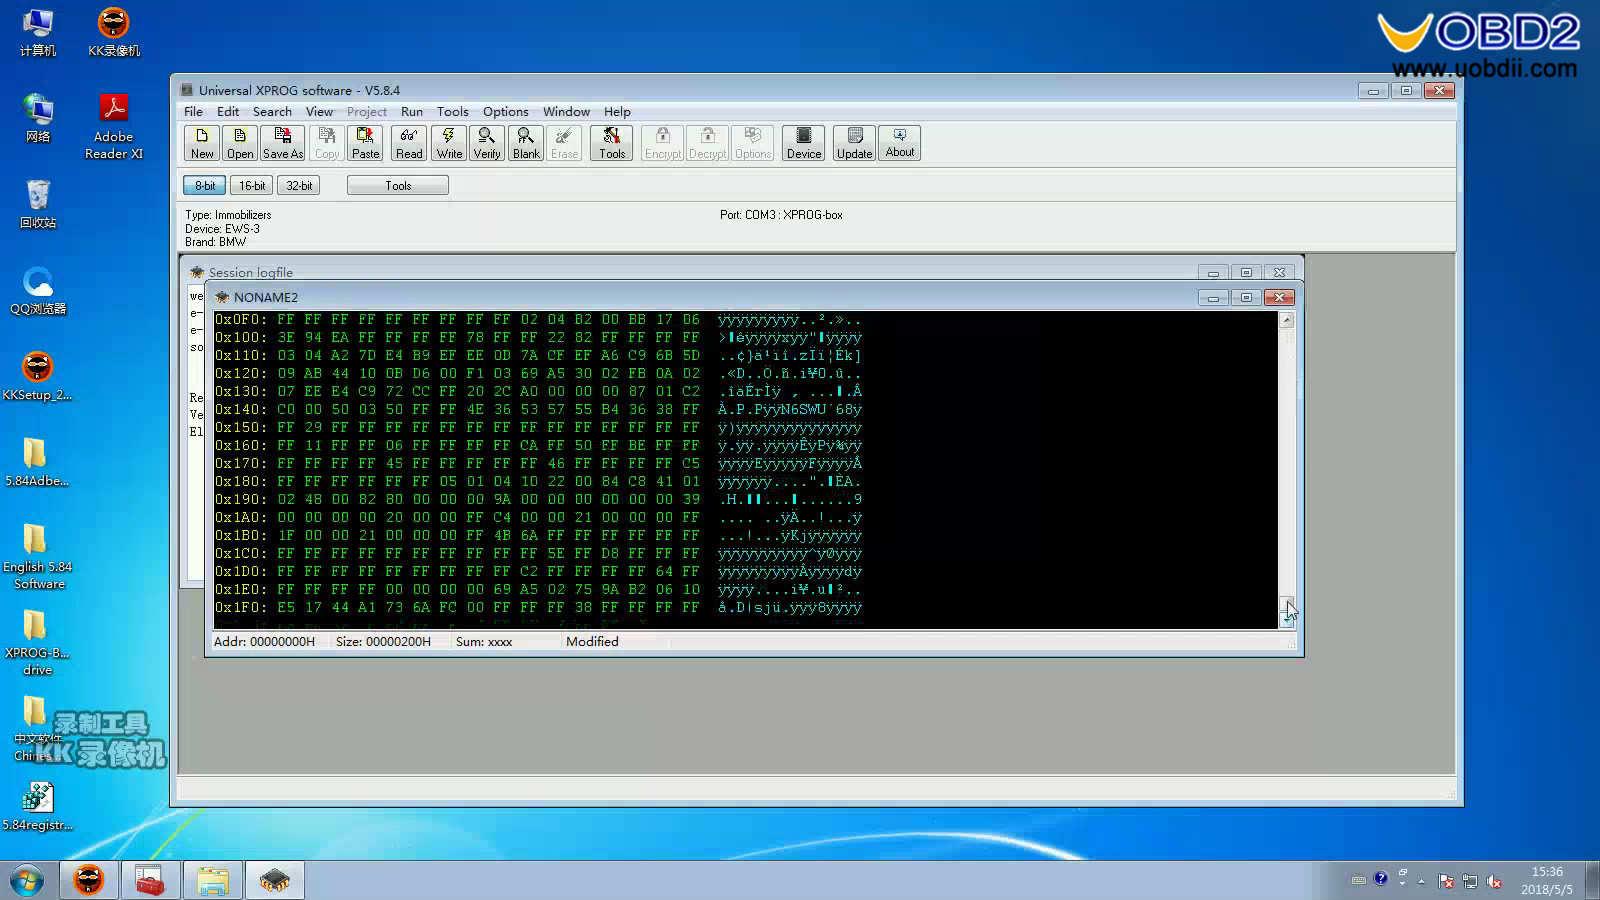 xprog-5-84-win7-64bit-install-20